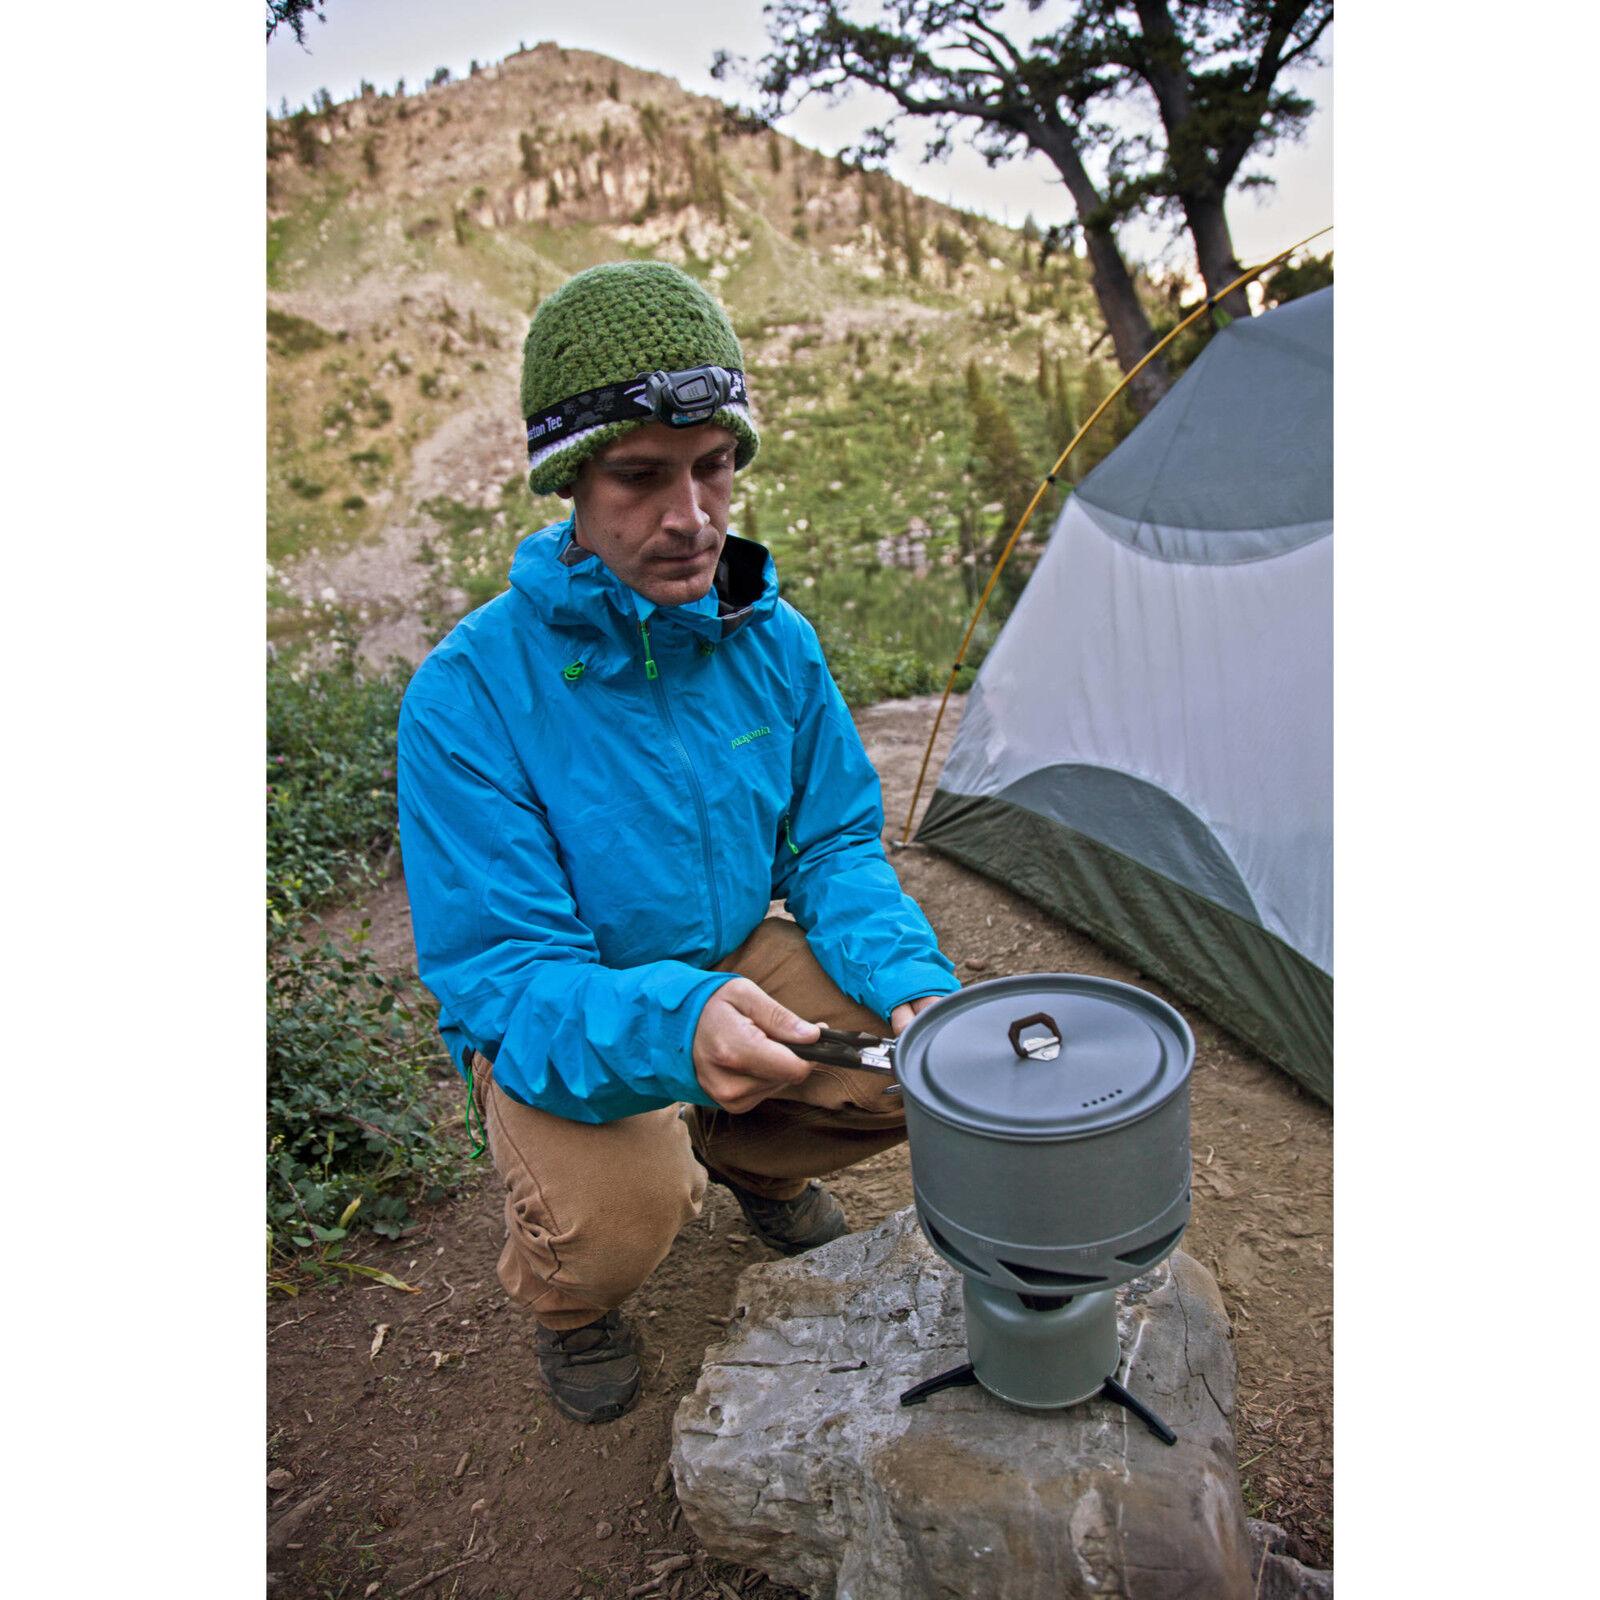 Camp Chef Stryker de 4 piezas Utensilios de Cocina Cook Set al aire libre campamento senderismo con tapa, Plata